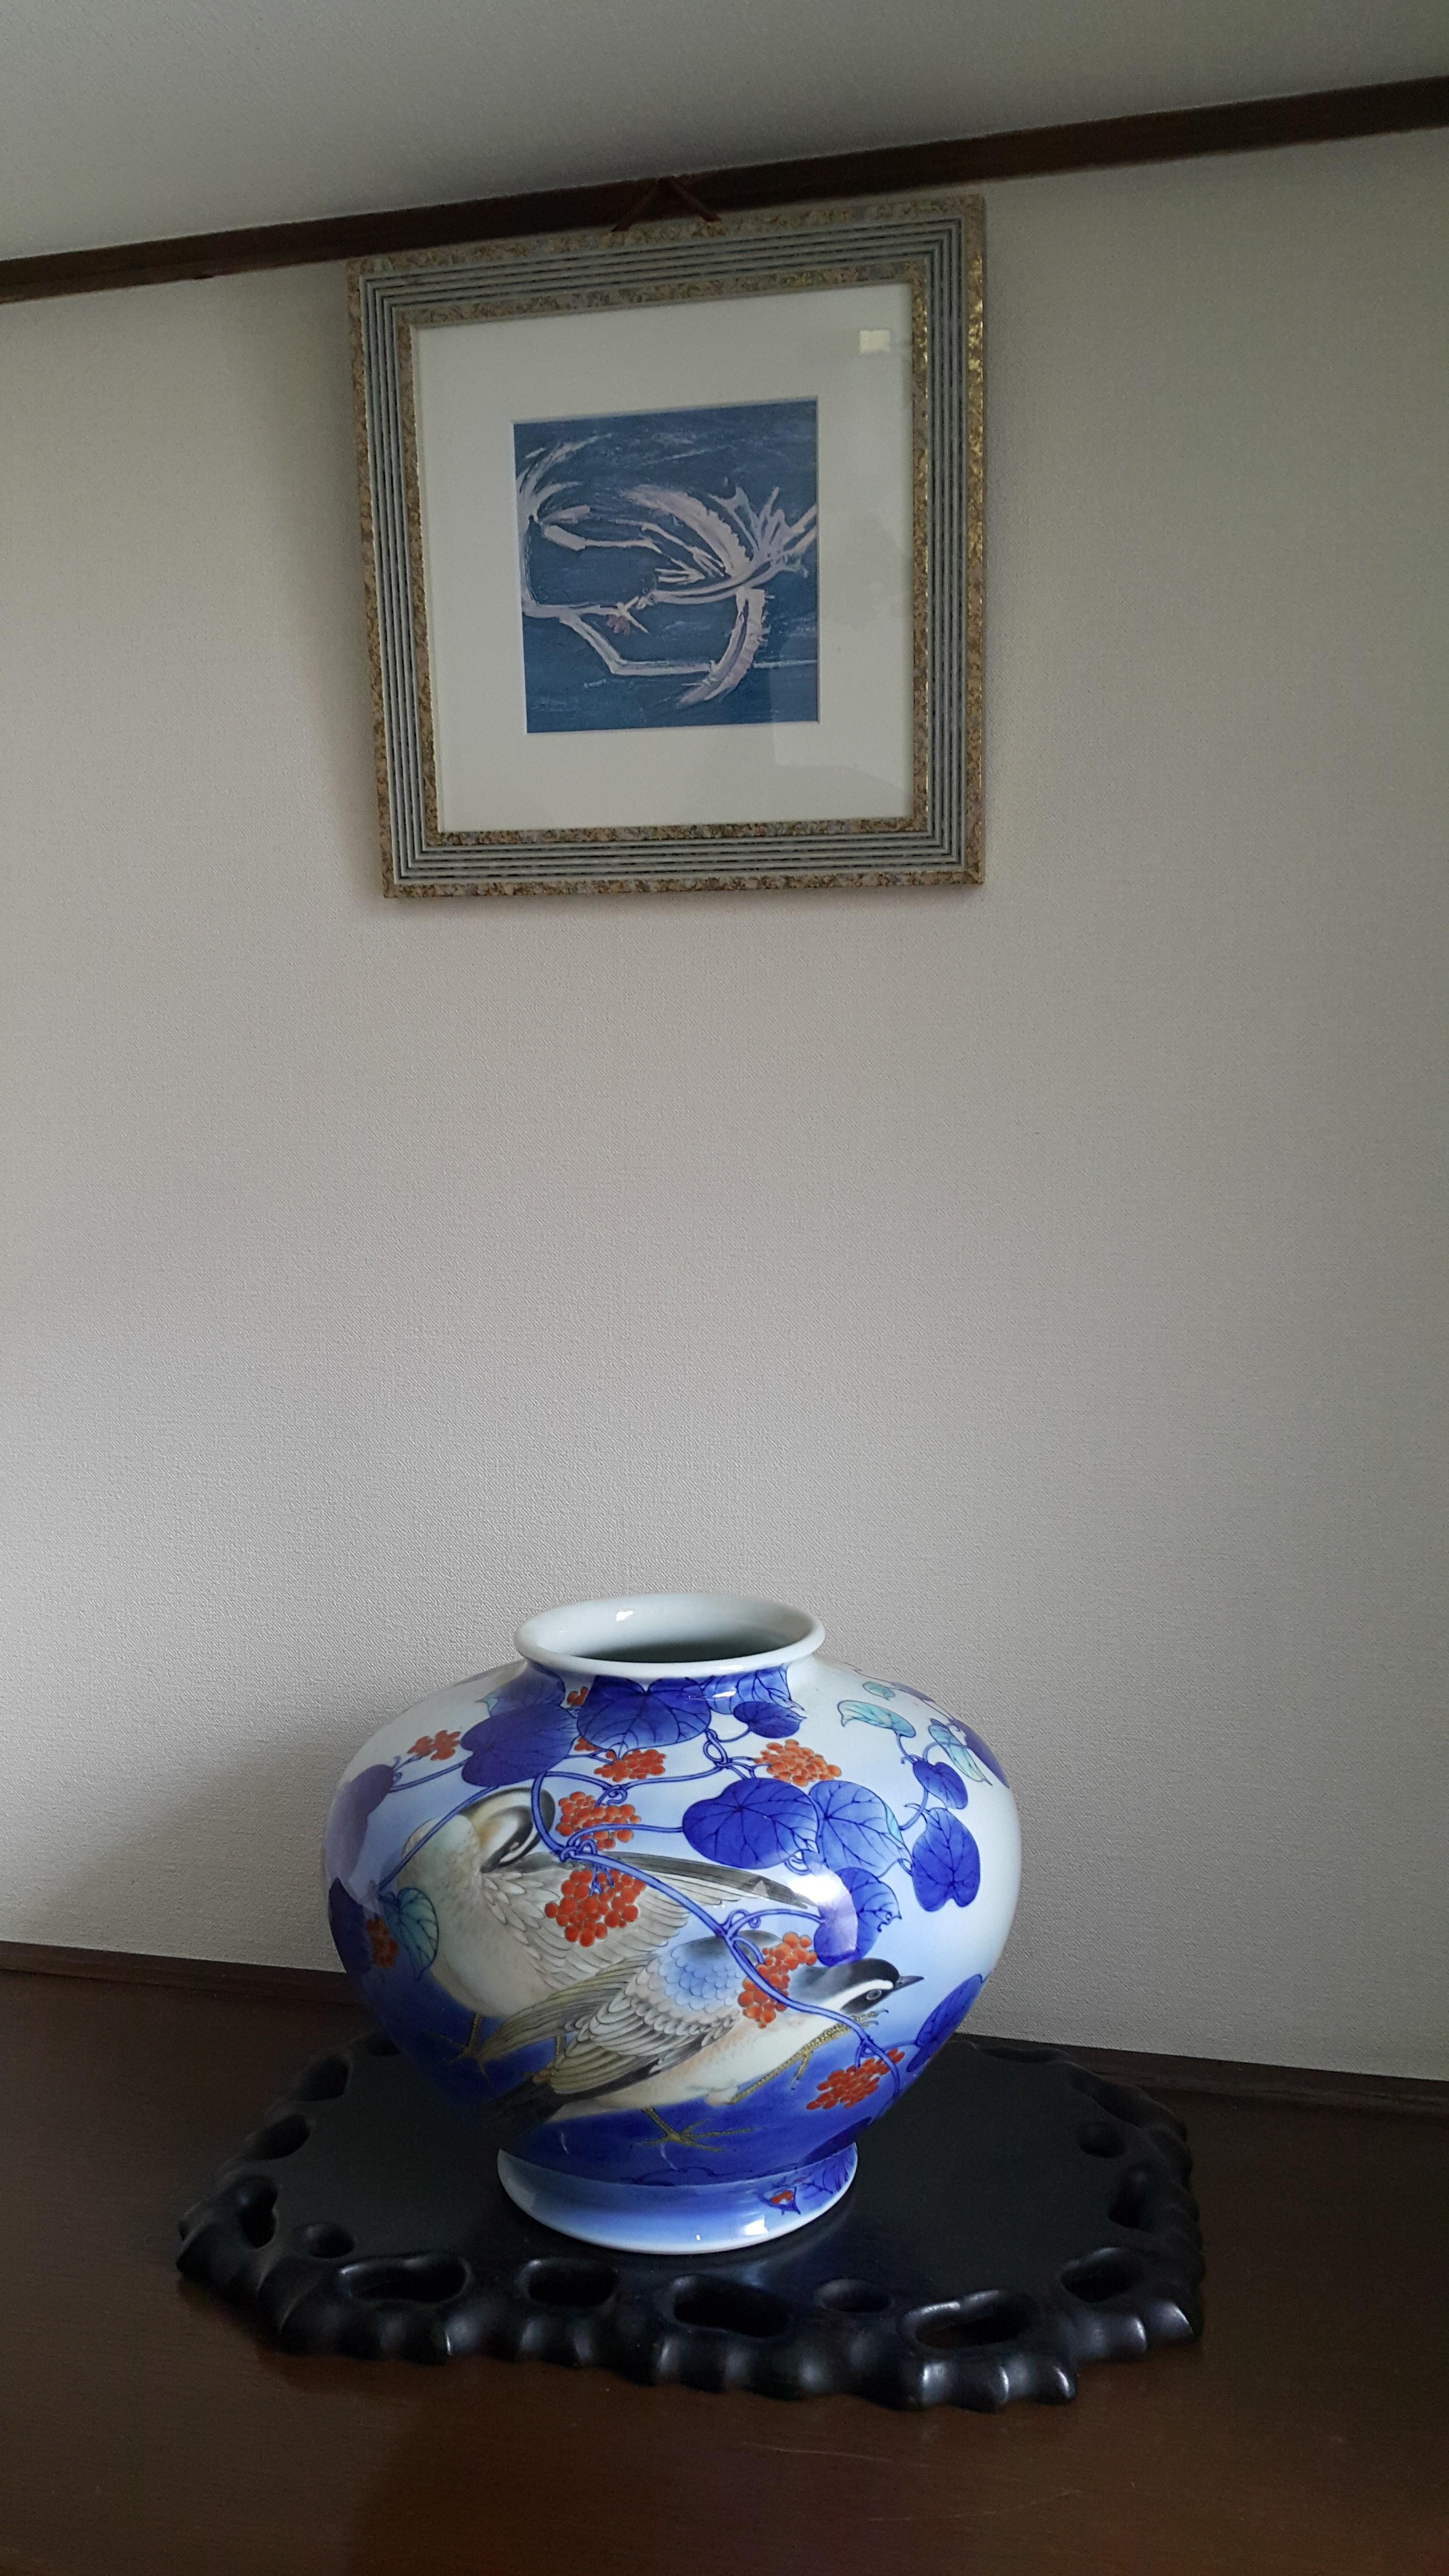 야마모토 여사의 집 현관 벽에 걸린 이중섭 그림 '부부'의 판화. 아내와의 재회를 그리며 입맞춤 하는 수탉과 암탉을 그린 그림이다./김미리 기자